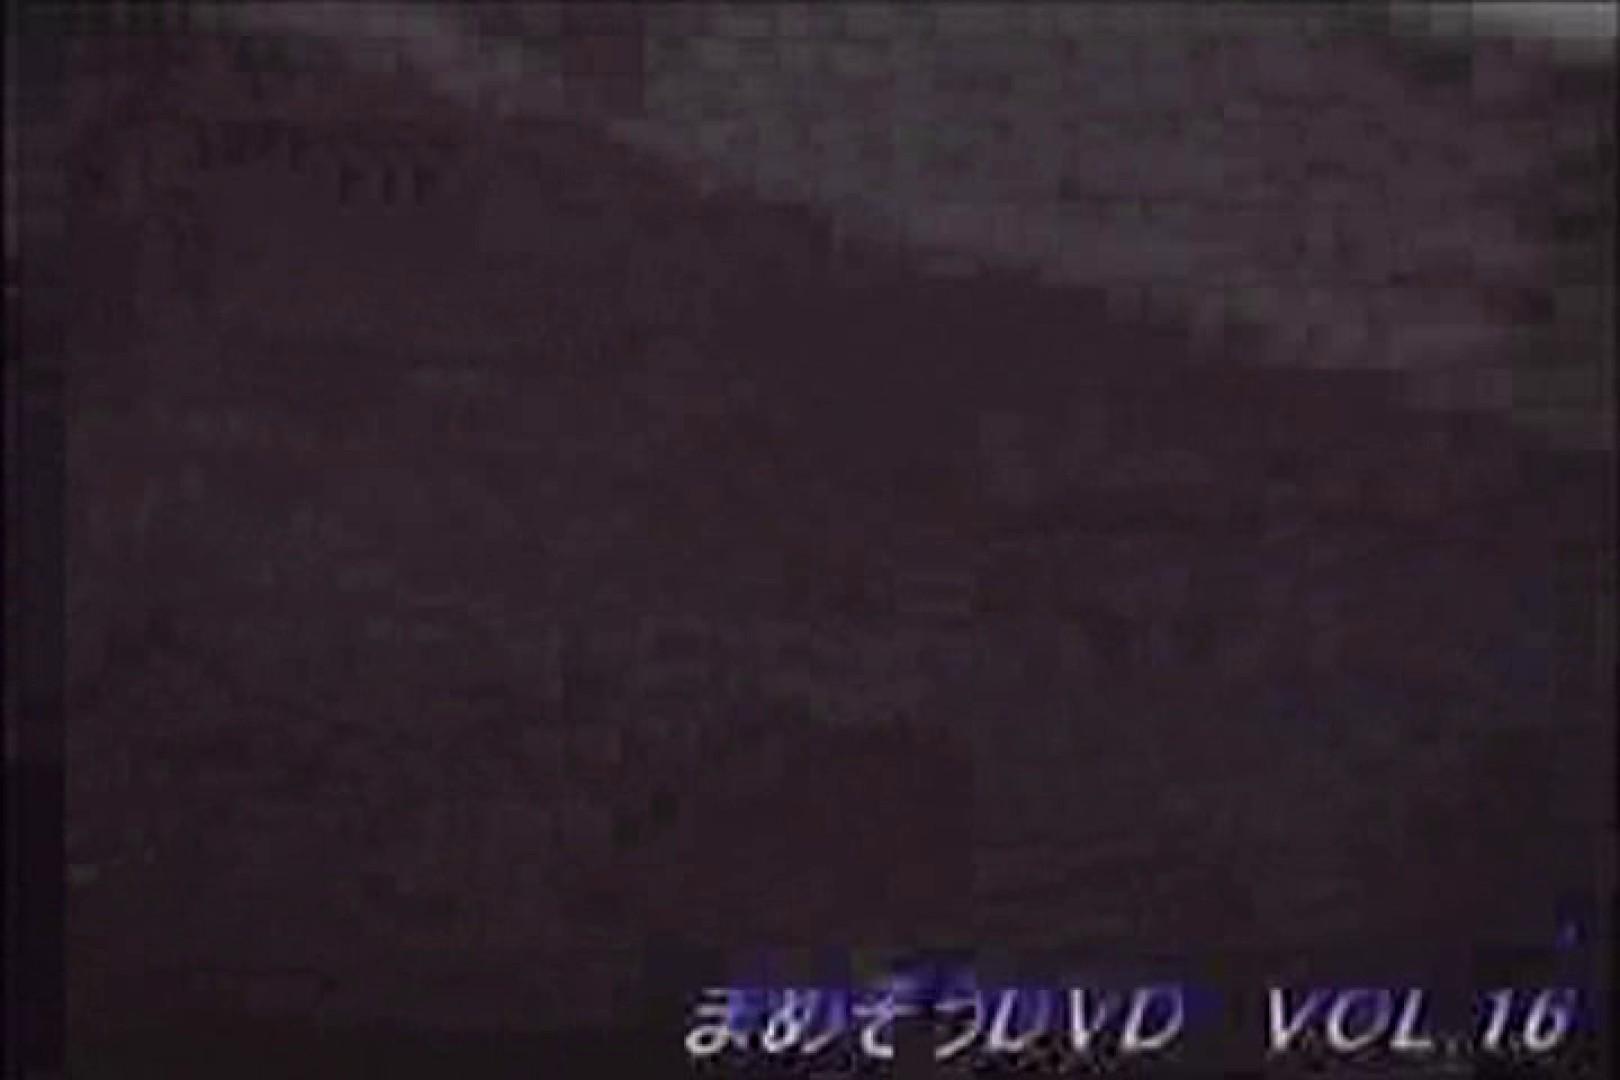 まめぞうDVD完全版VOL.16 ギャル攻め  112画像 70